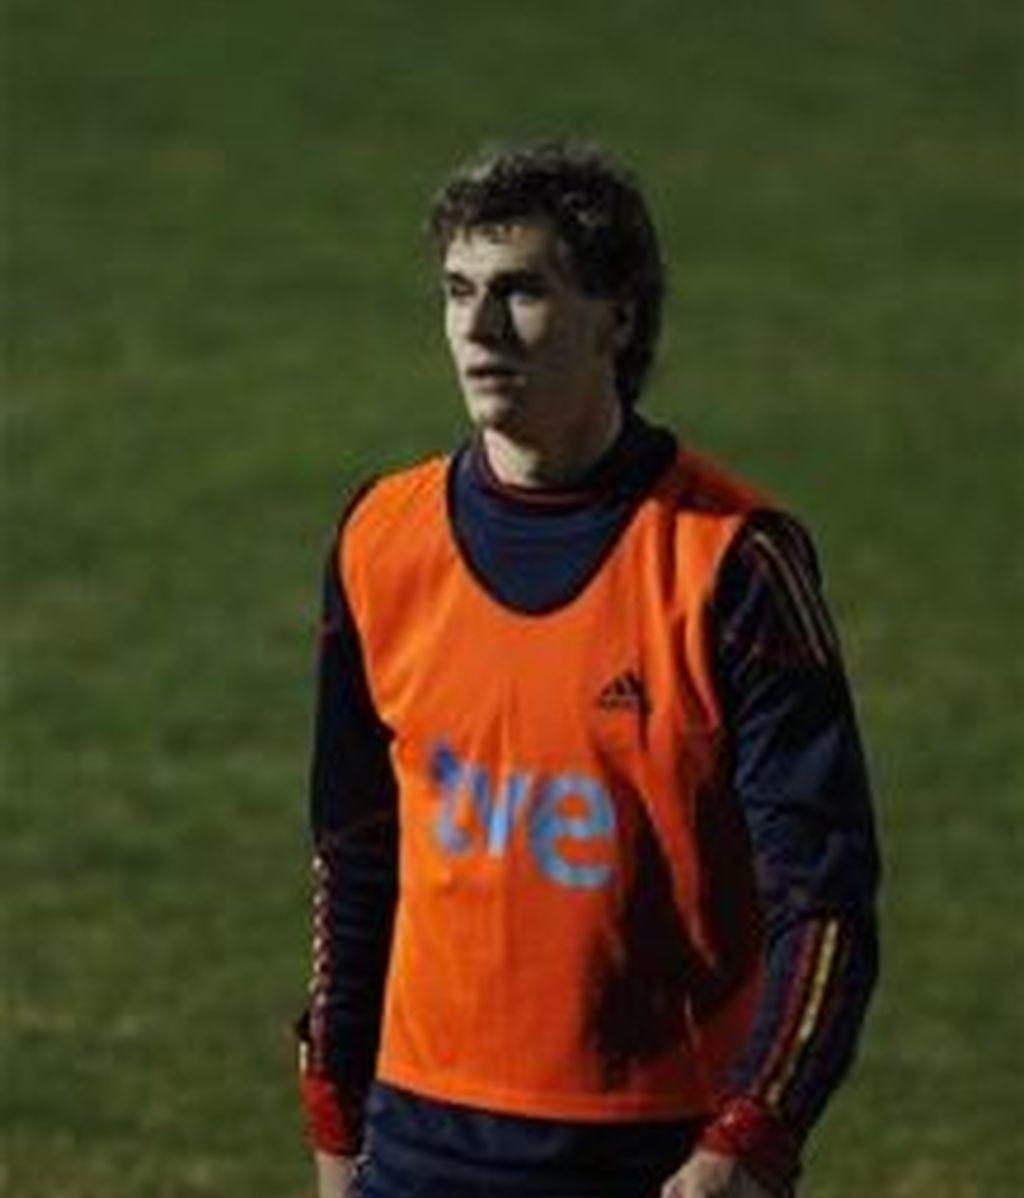 Fernando Llorente puede empezar de inicio. Foto: AP